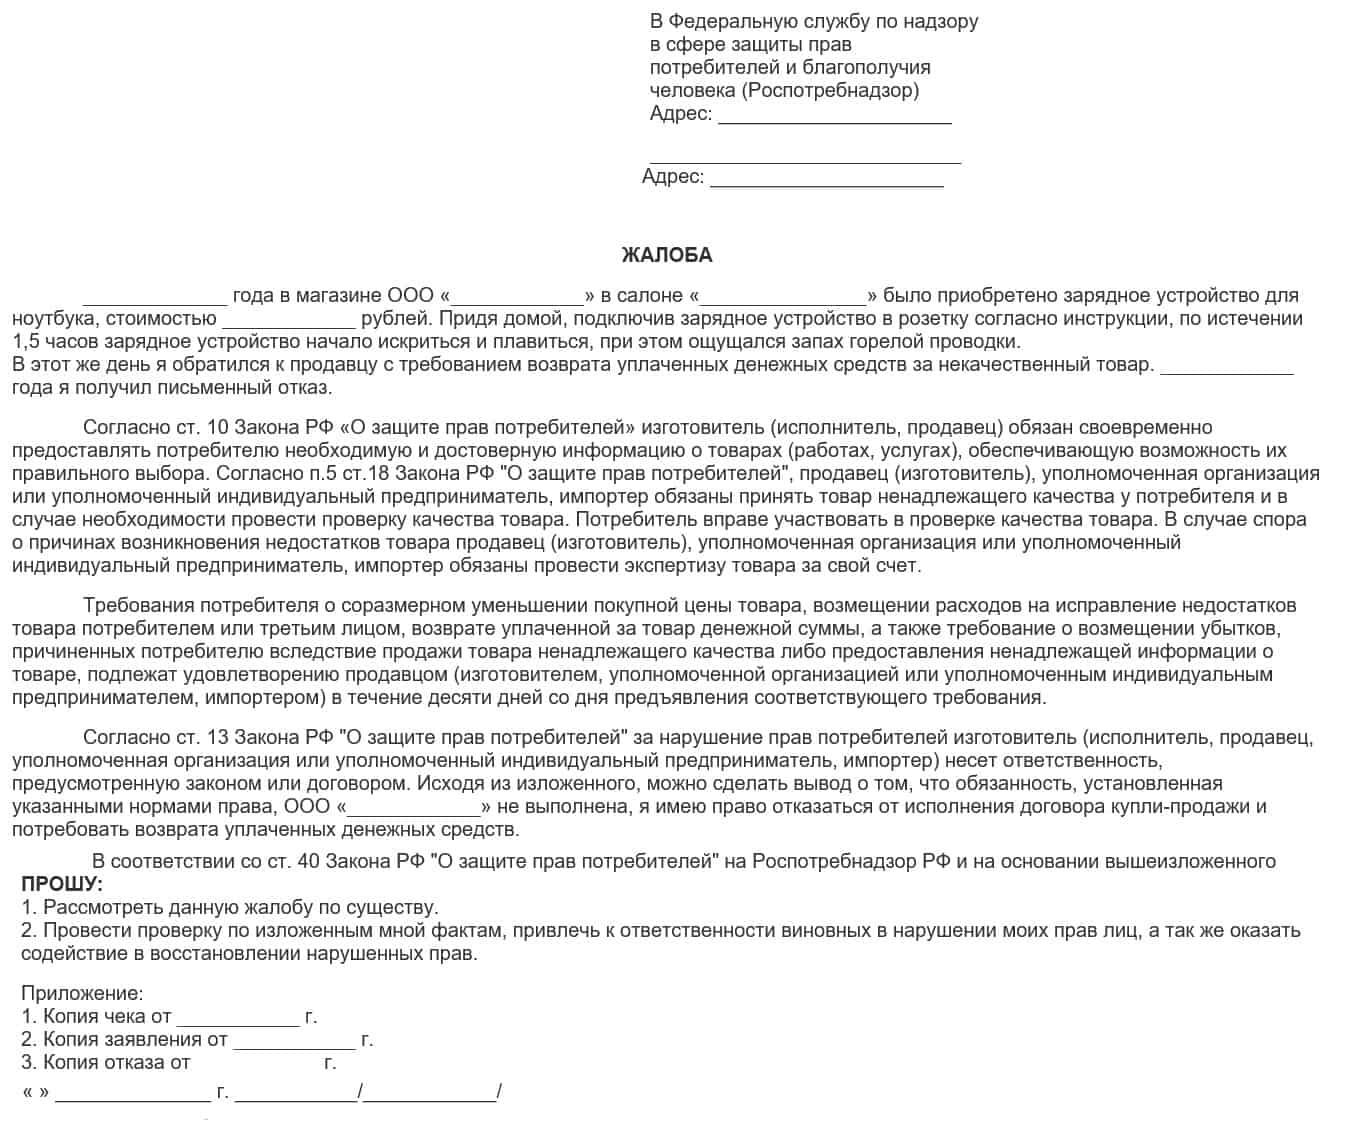 Образец жалобы в Роспотребнадзор Волгограда